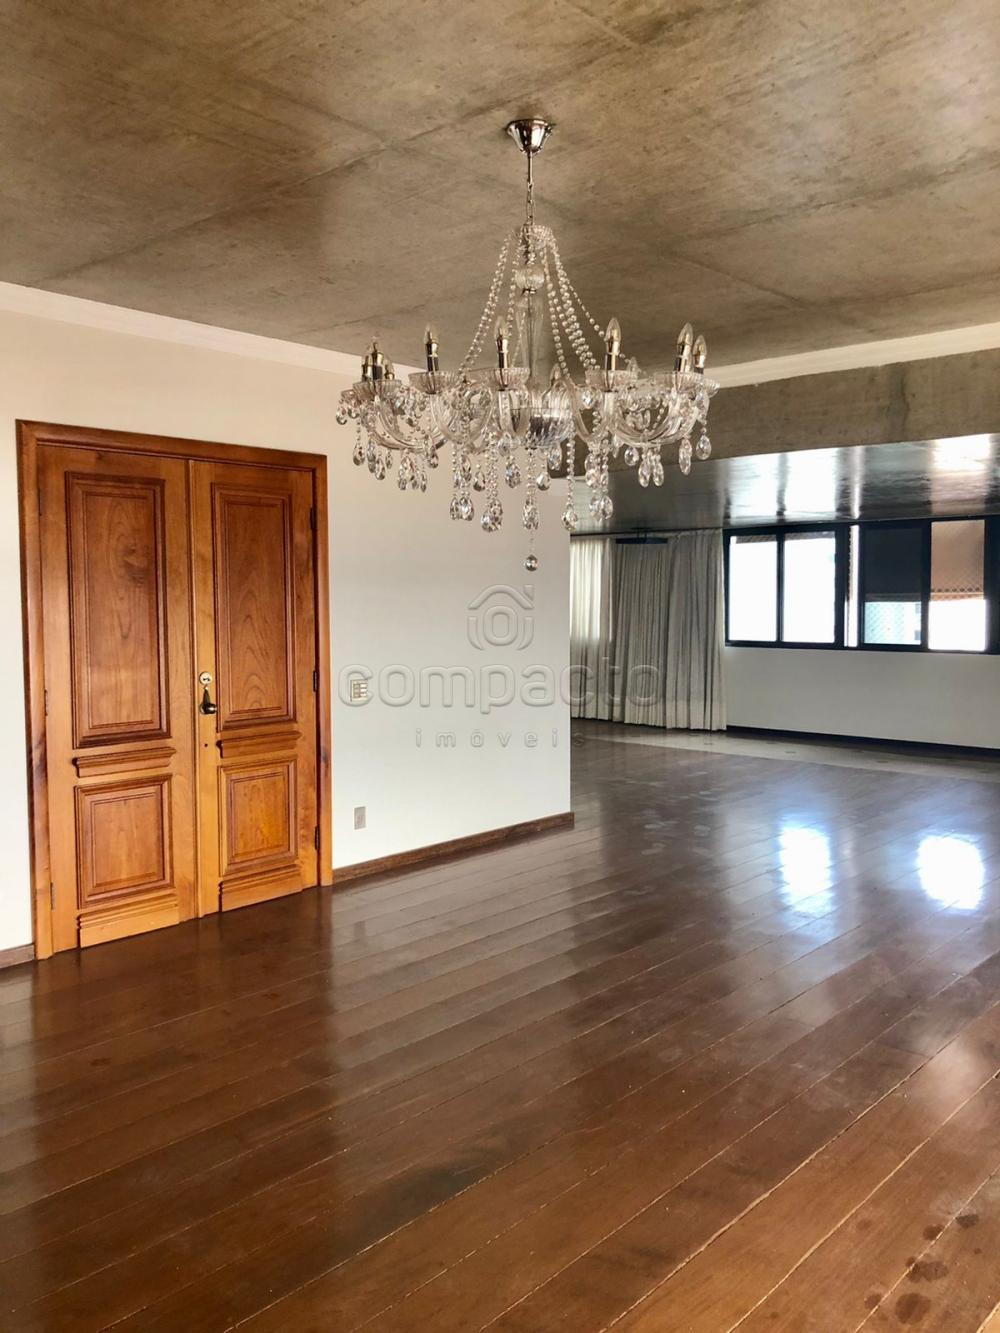 Alugar Apartamento / Padrão em São José do Rio Preto R$ 2.500,00 - Foto 1